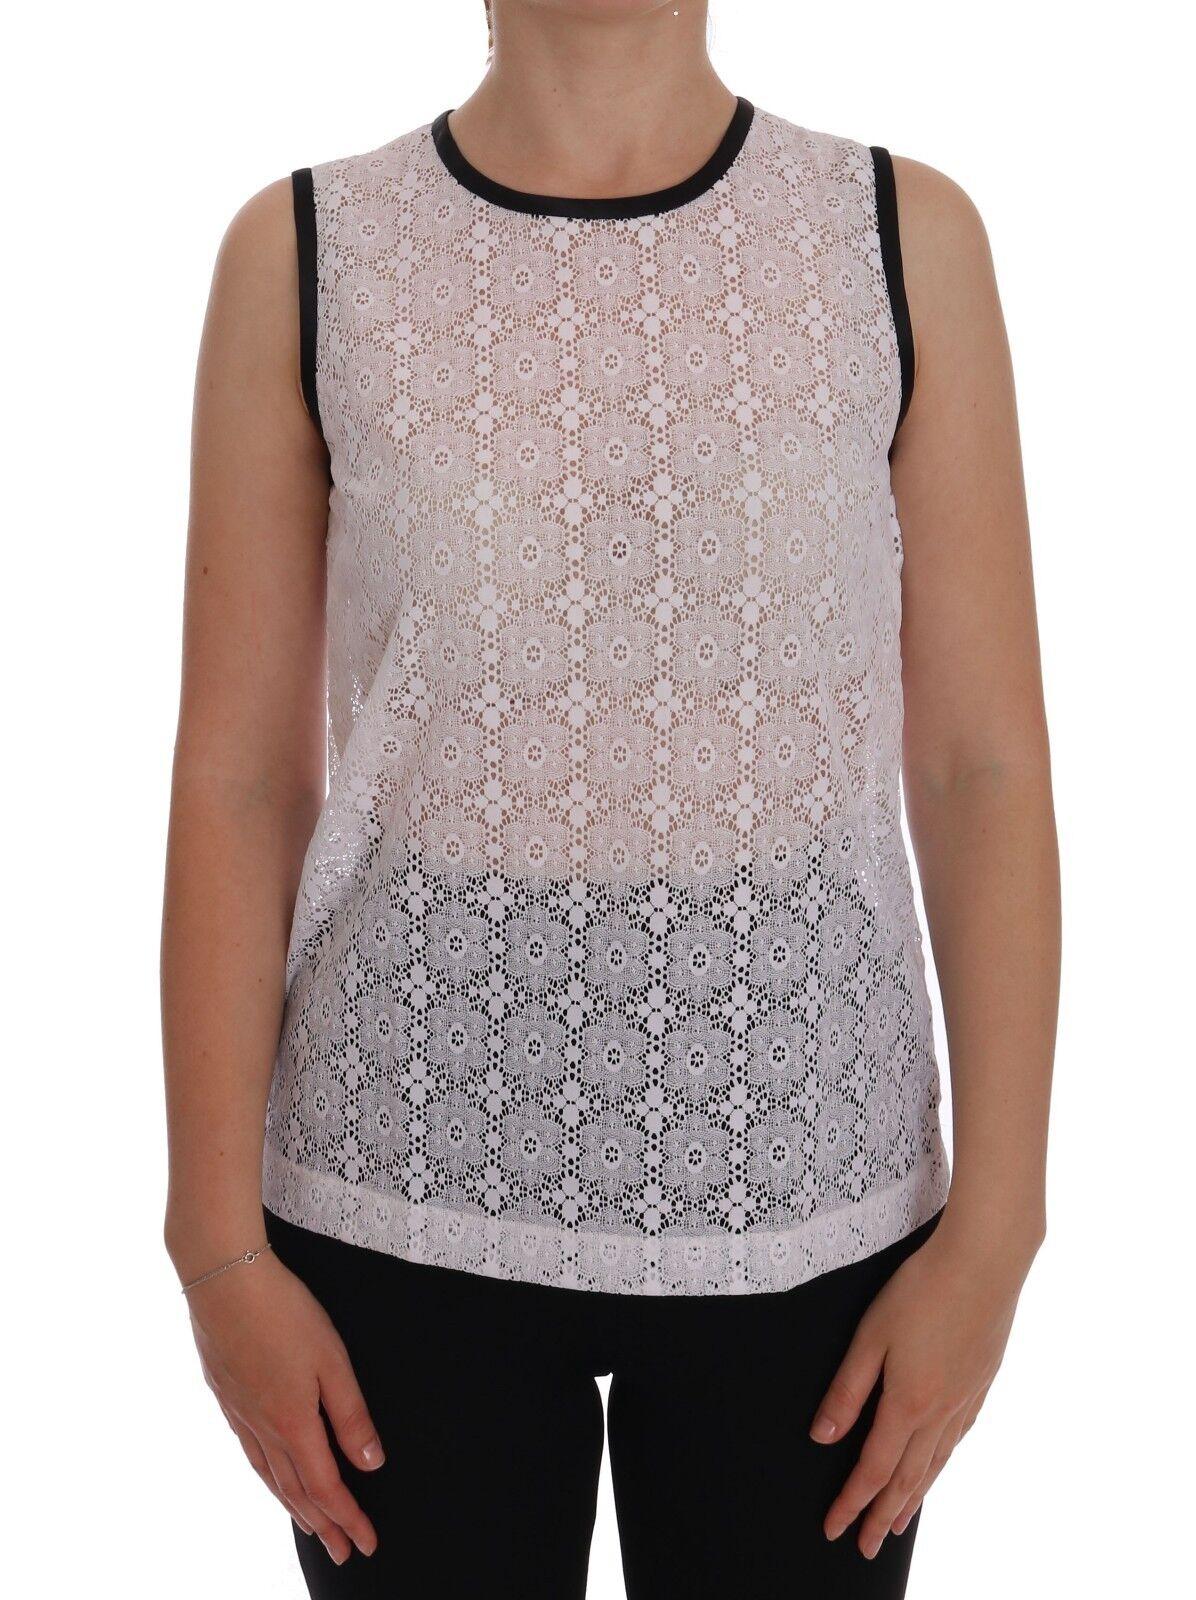 NEW DOLCE & GABBANA T-shirt Weiß Lace Floral Nylon Tank Top s. IT48 / XXL